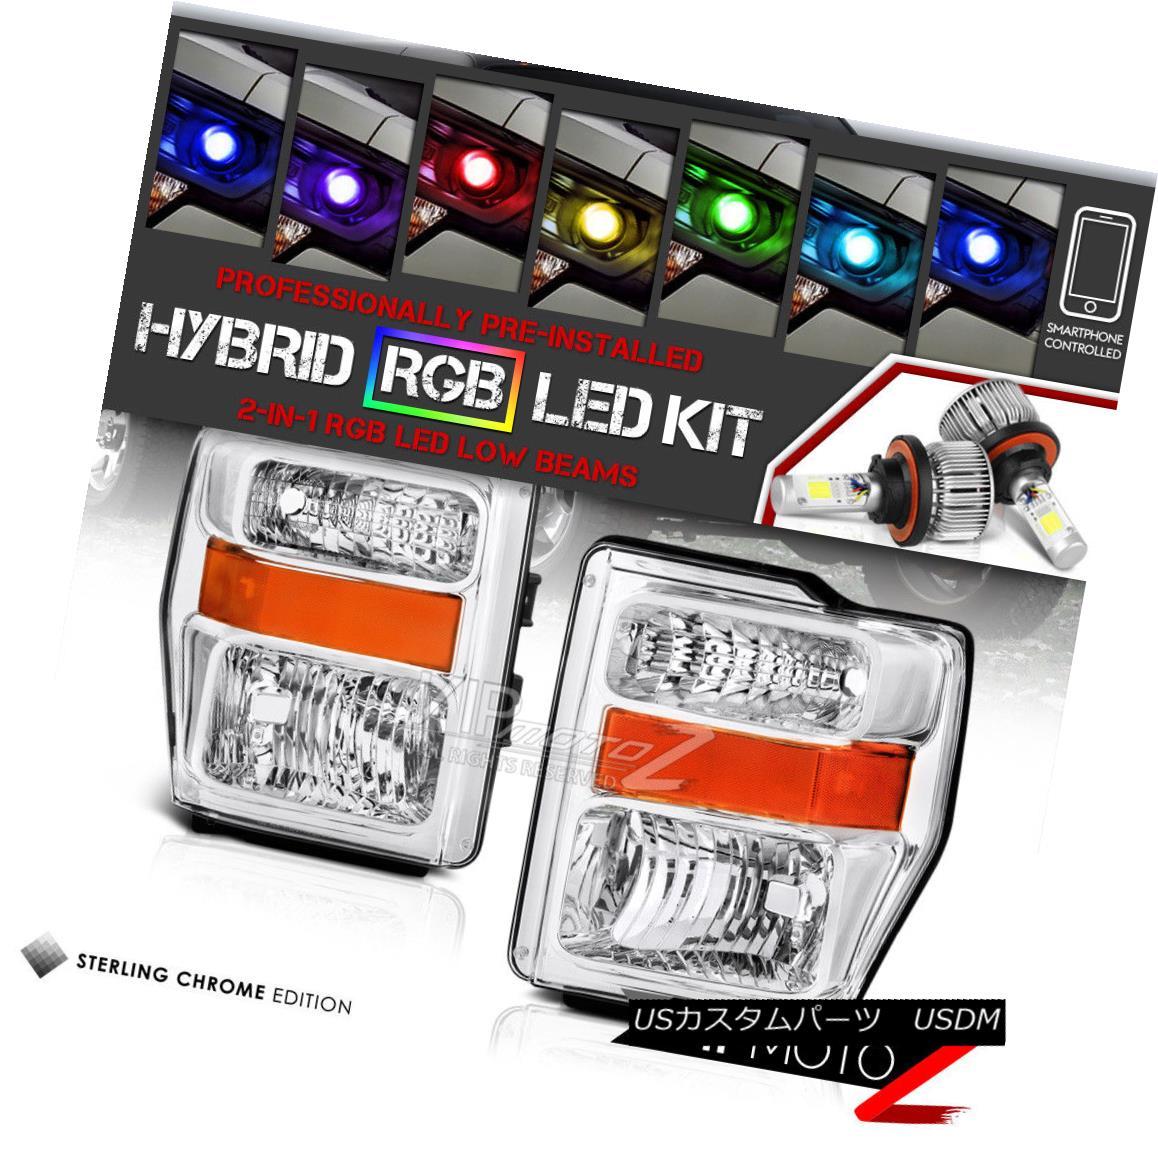 ヘッドライト [Multi-Color LED Low Beam] F250 F350 F450 F550 FORD 08-10 Superduty Head Lights [マルチカラーLEDロービーム] F250 F350 F450 F550フォード08-10 Superdutyヘッドライト